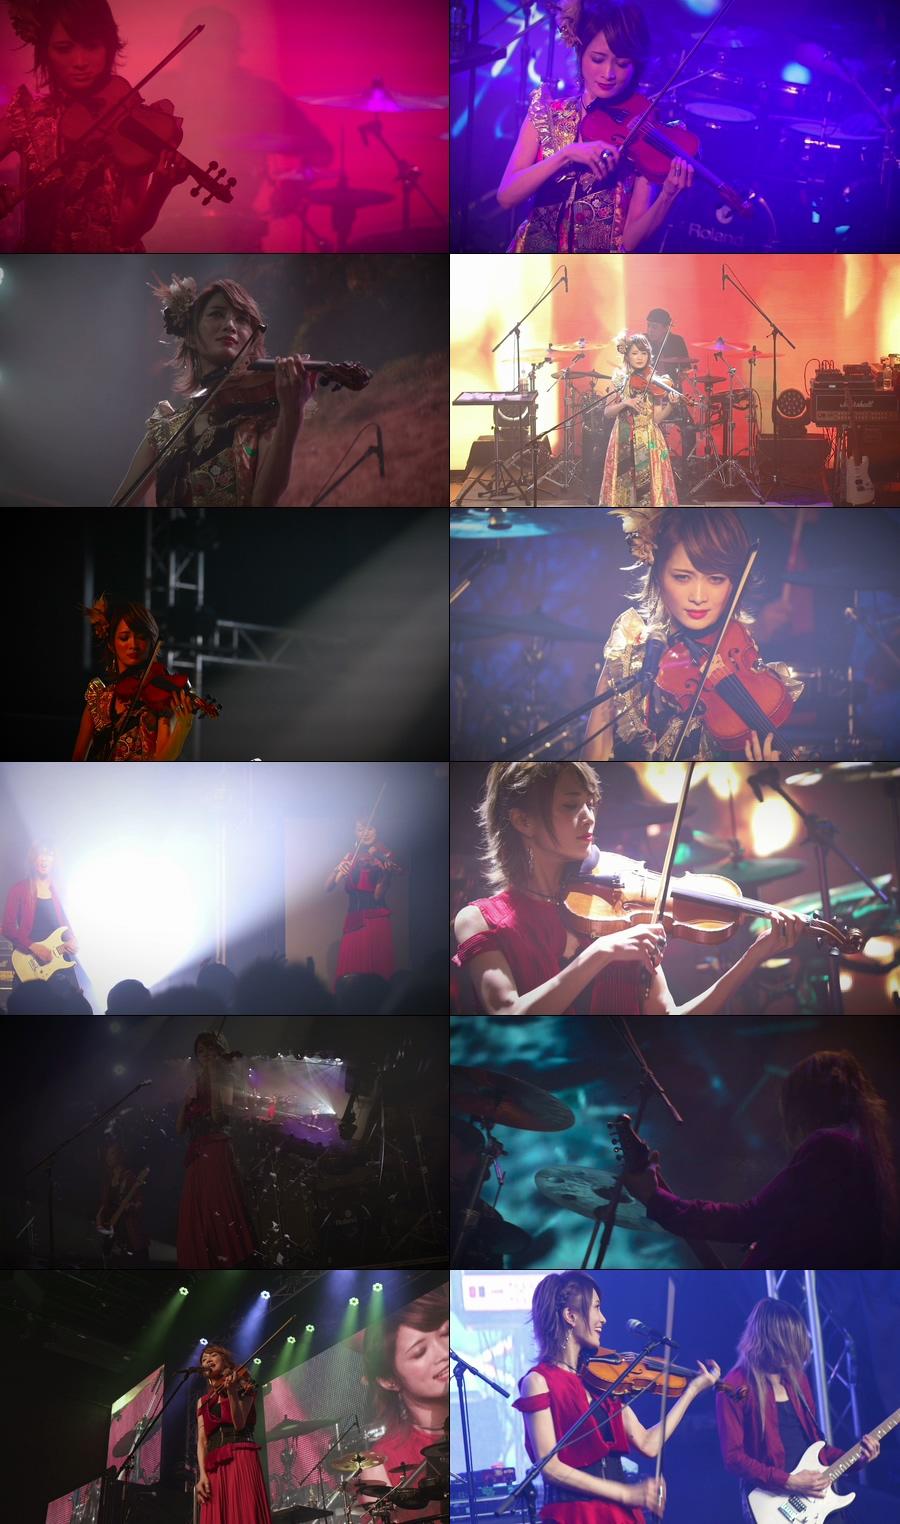 Ayasa (绚沙) - LIVE!! Ayasa Theater episode 7 (2)